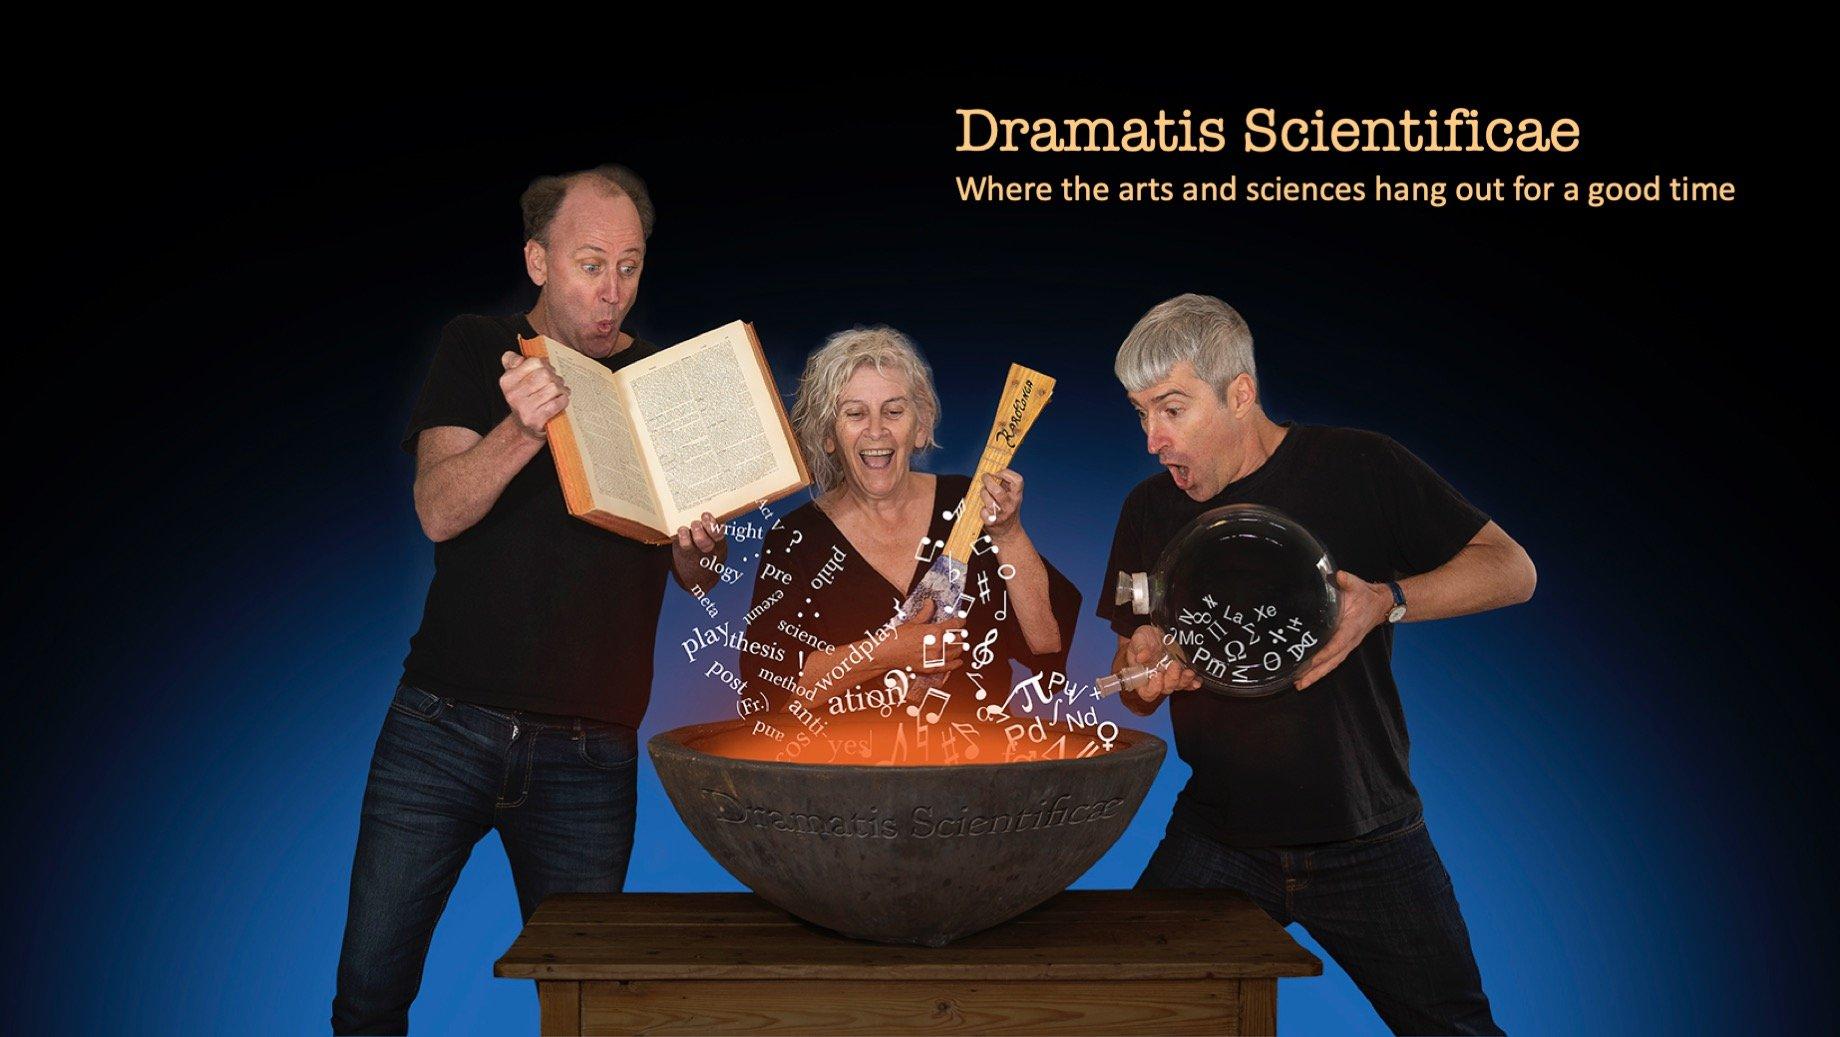 Dramatis Scientificae